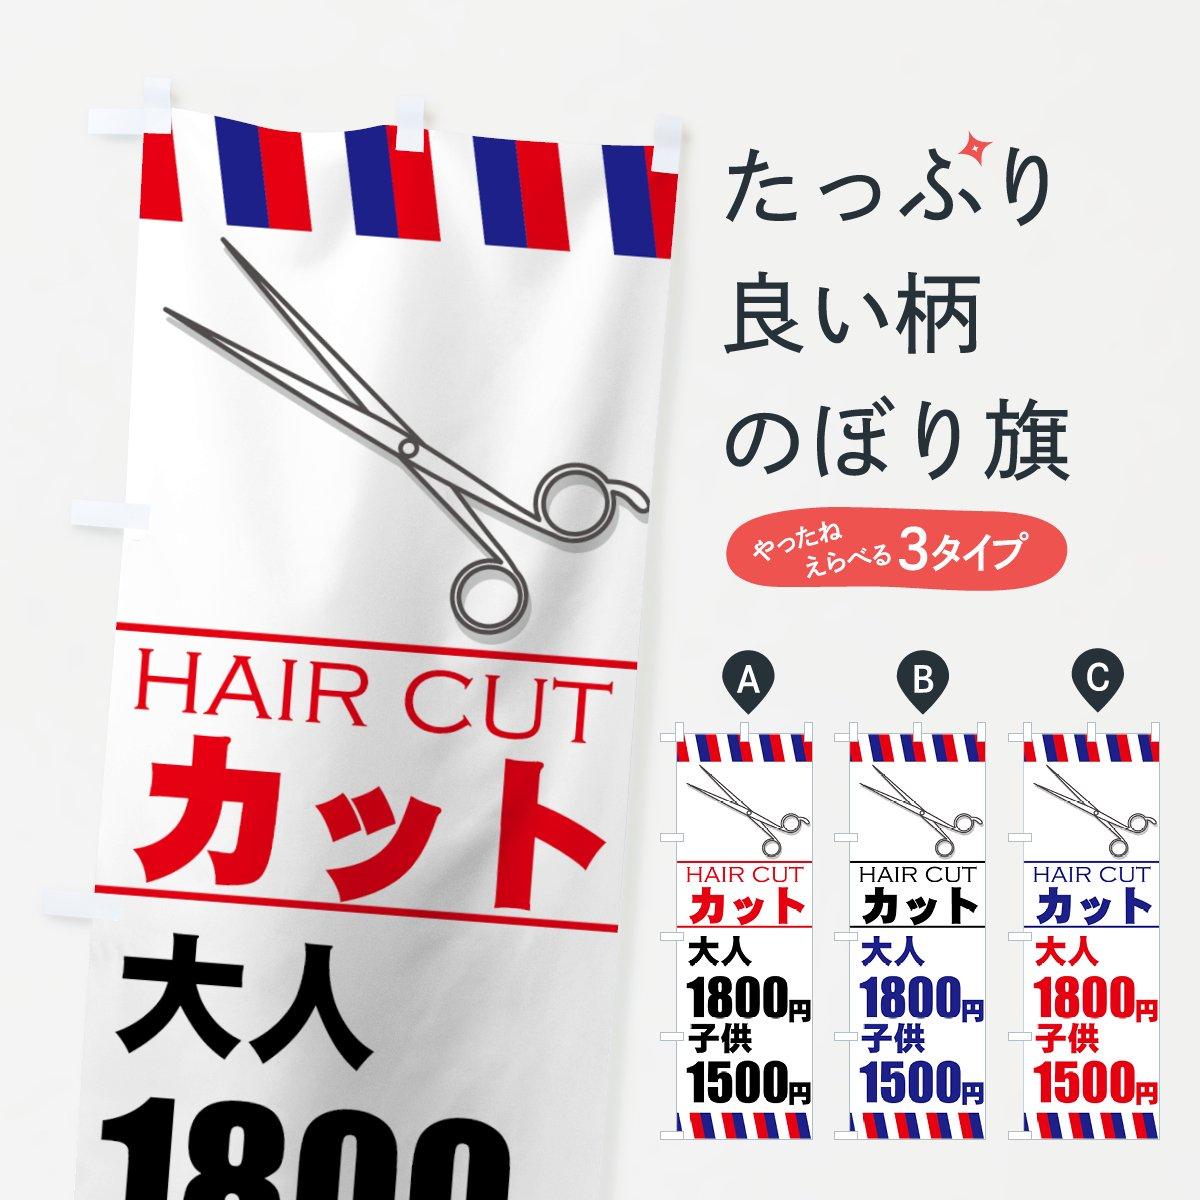 のぼり旗 HAIR CUT ヘアカット 【値替無料】